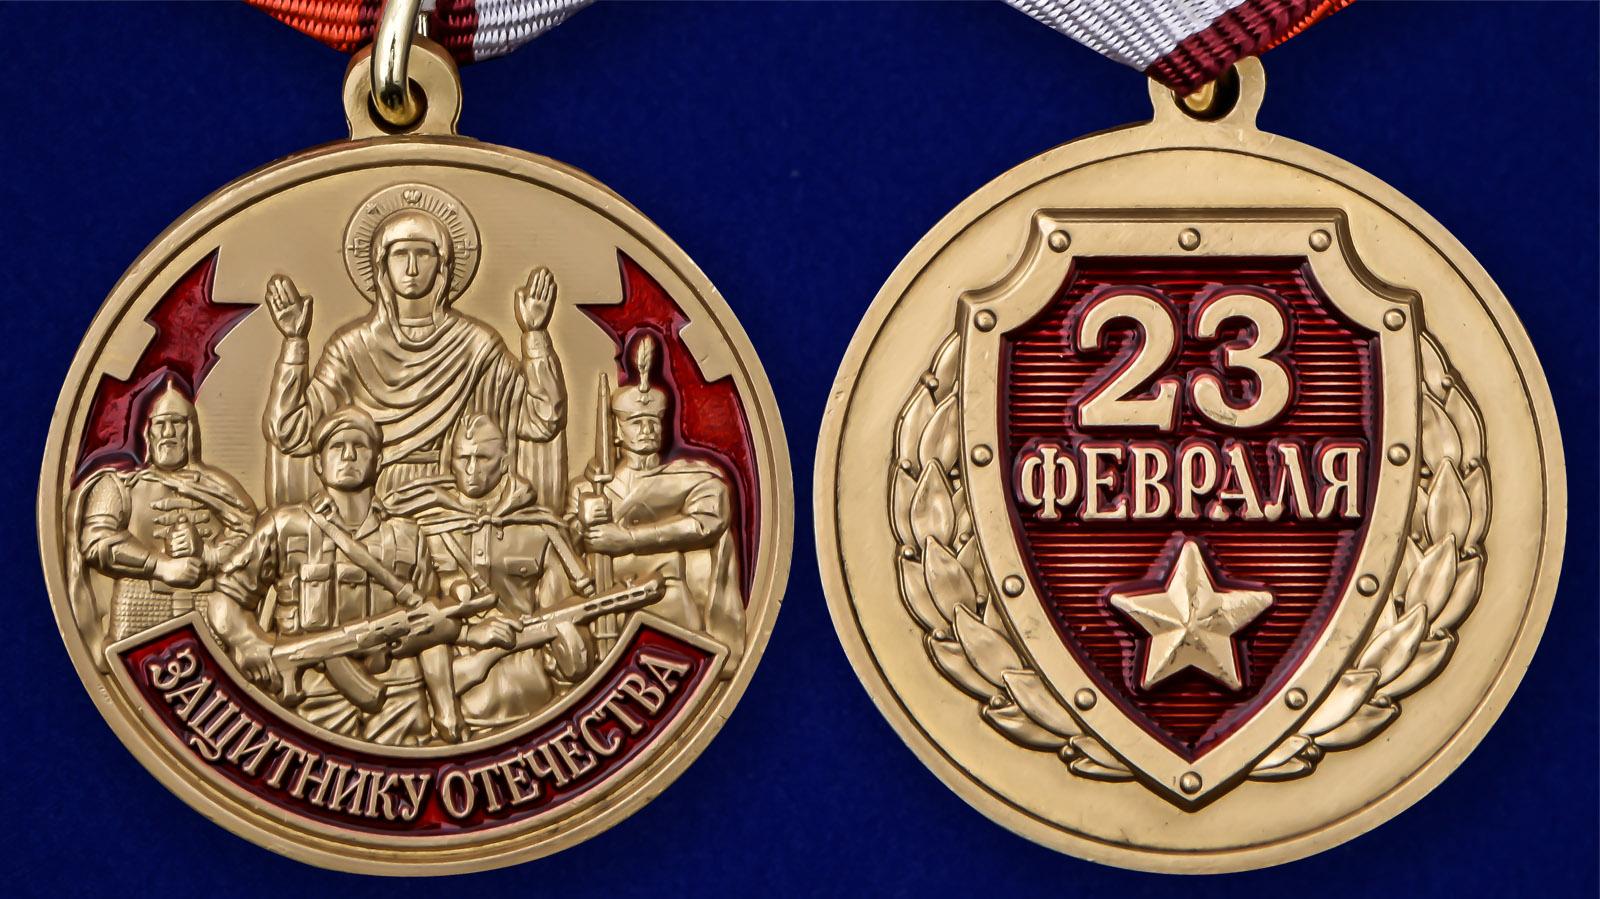 Наградная медаль Защитнику Отечества 23 февраля - аверс и реверс